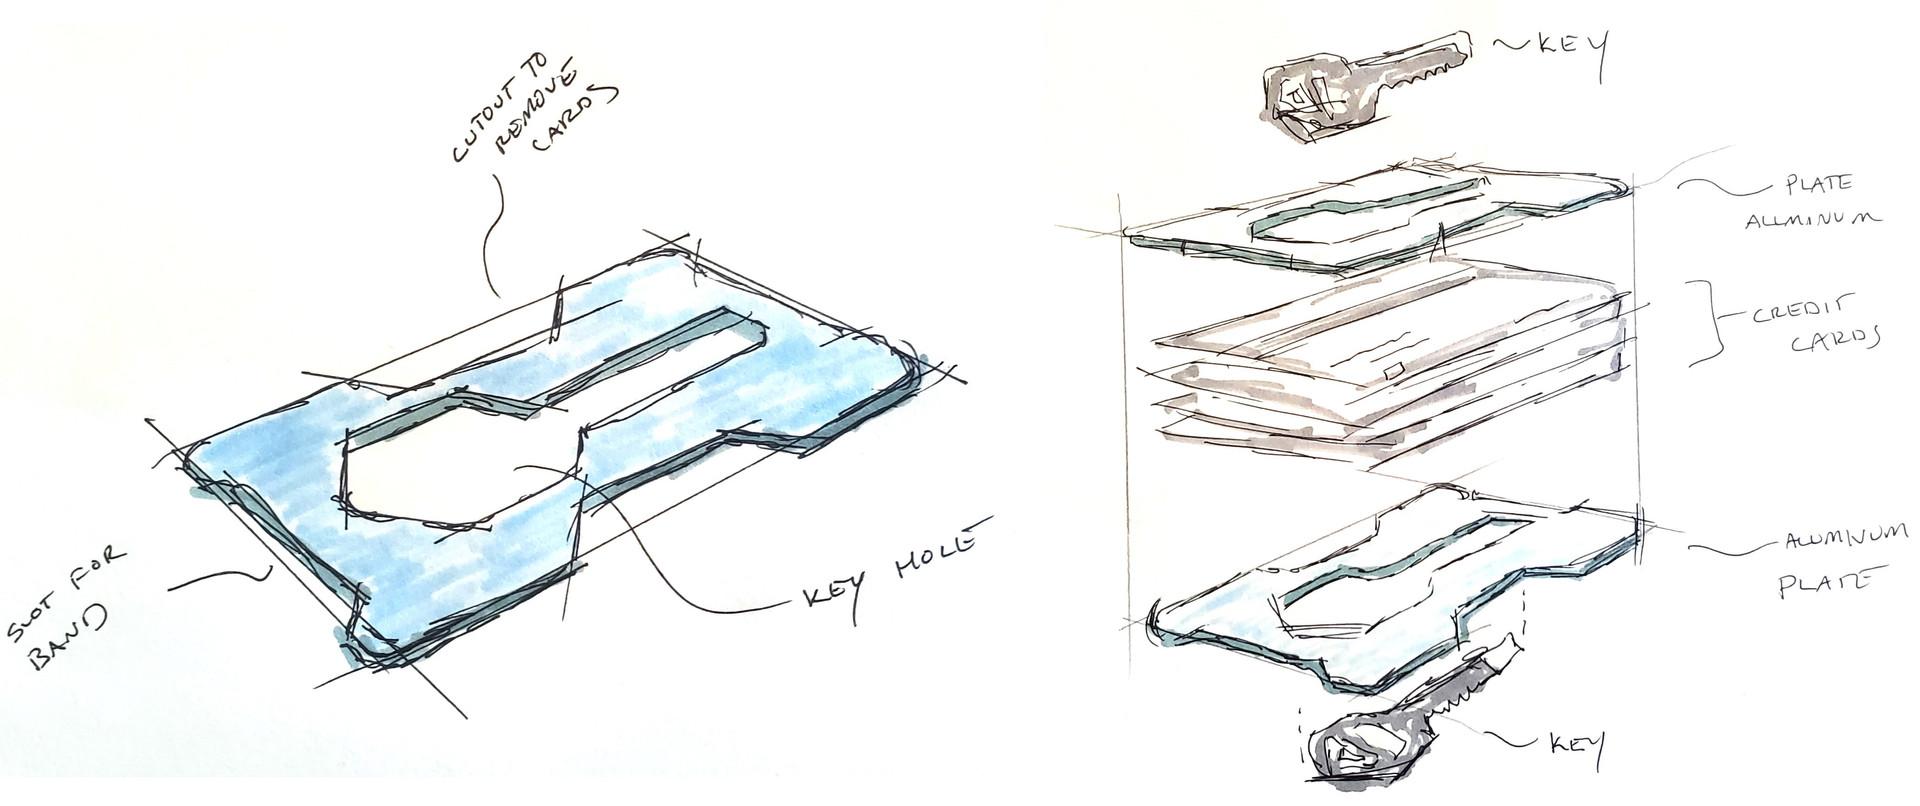 Stsh drawing 2.jpg